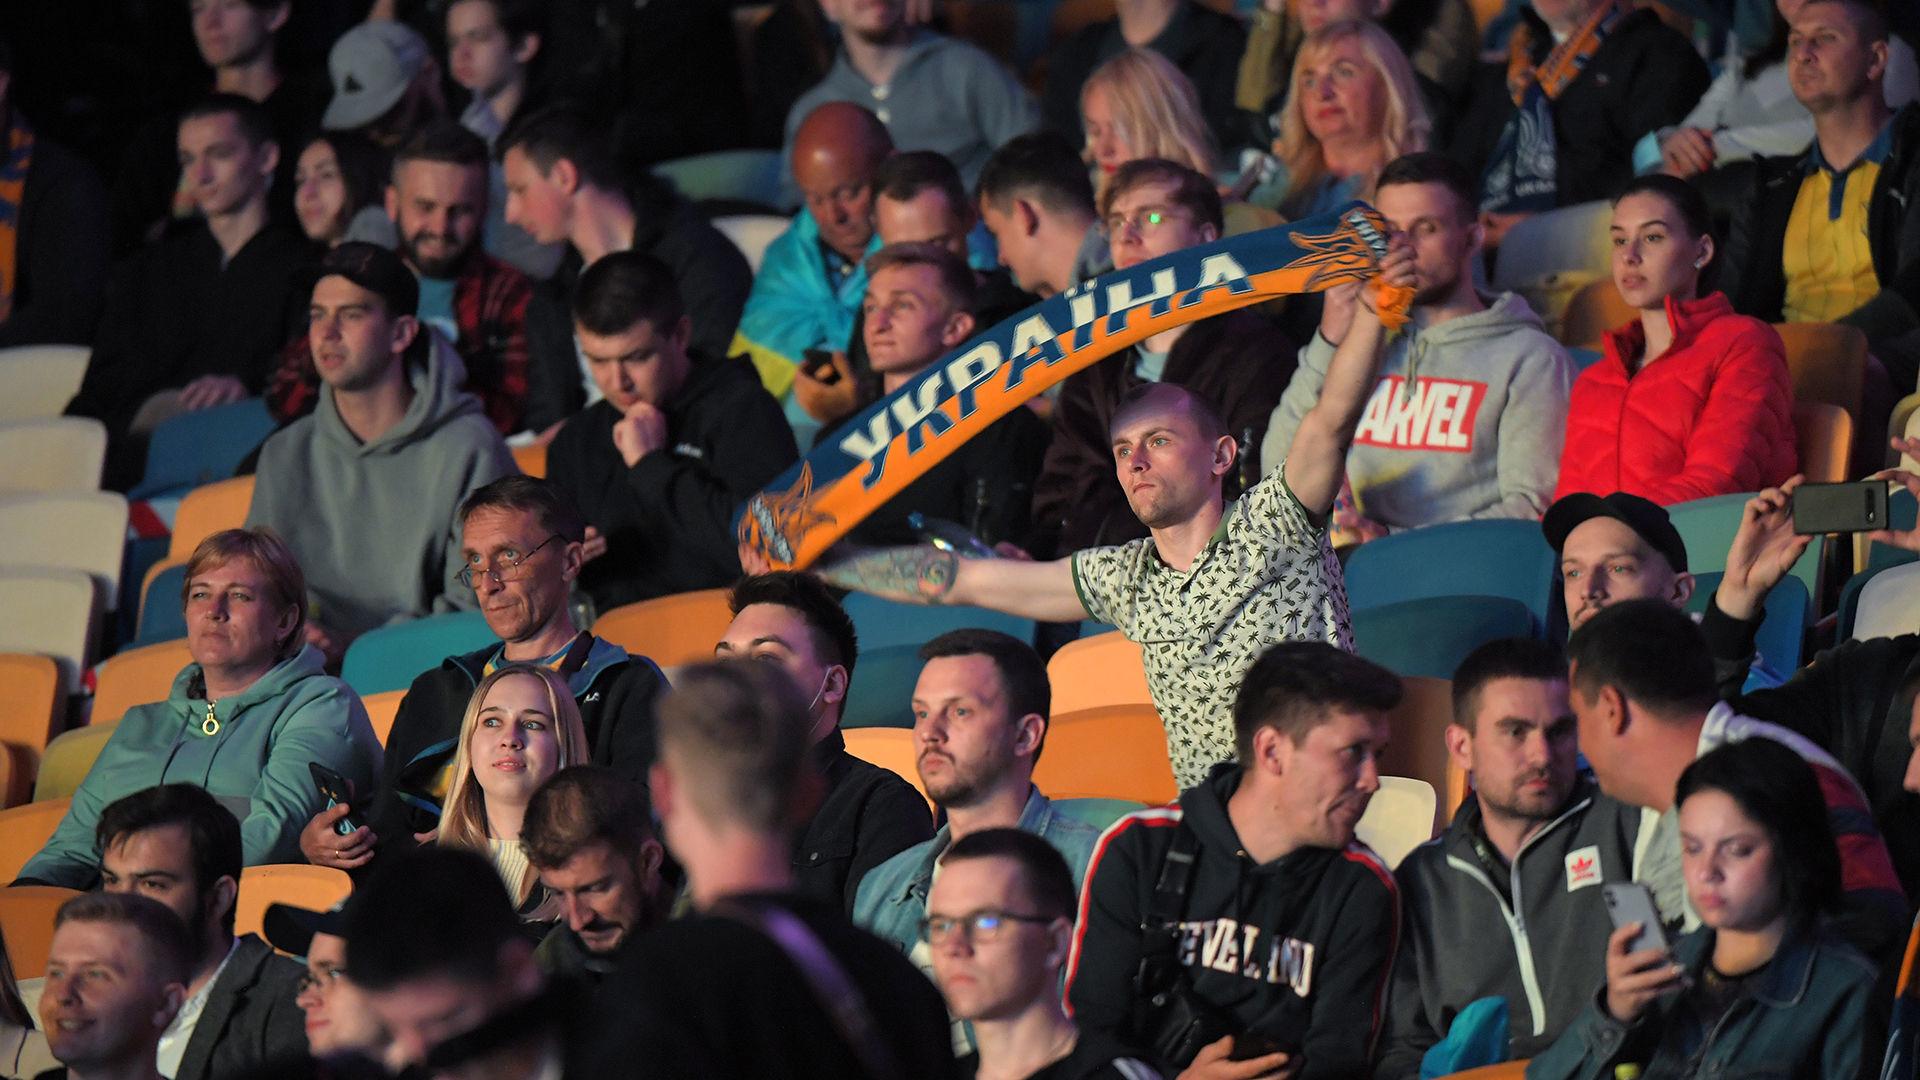 Евро 2020: 10 тысяч украинцев поддержали национальную сборную на Олимпийском - фото 2